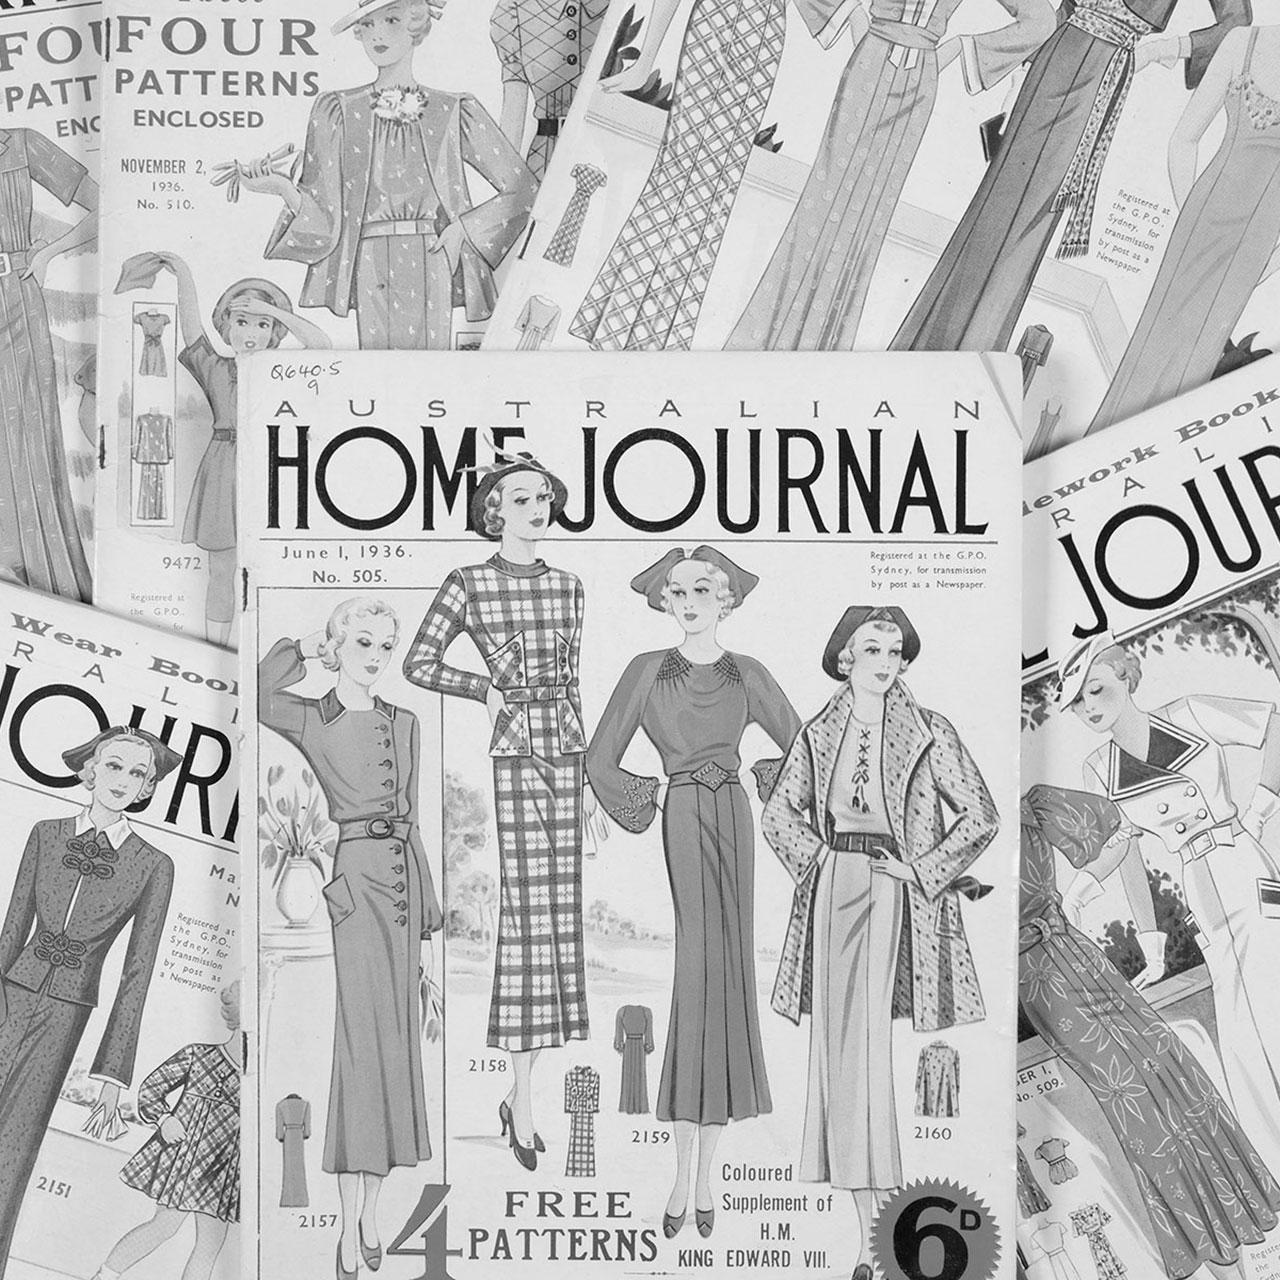 Australian Home Journal, Sydney, 1894-1983, Q640.5/9.